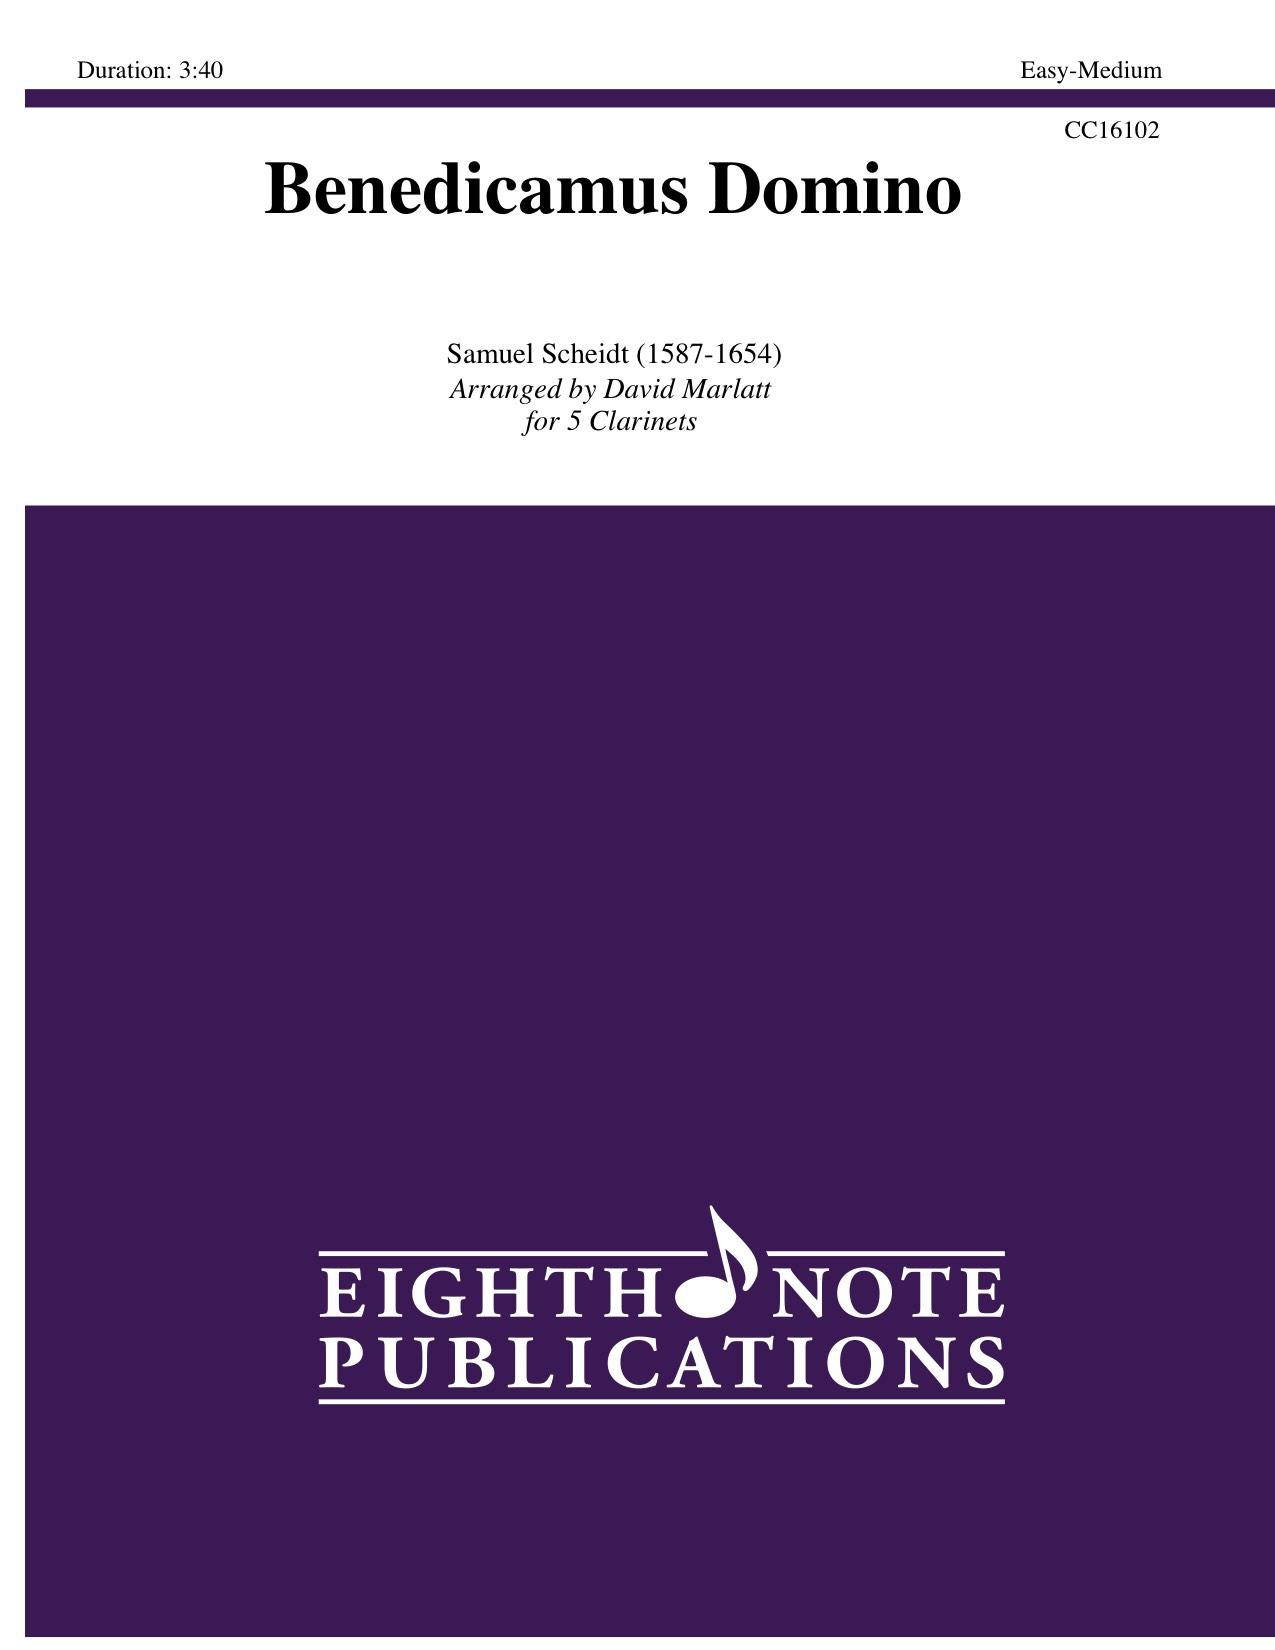 Benedicamus Domino - Samuel Scheidt